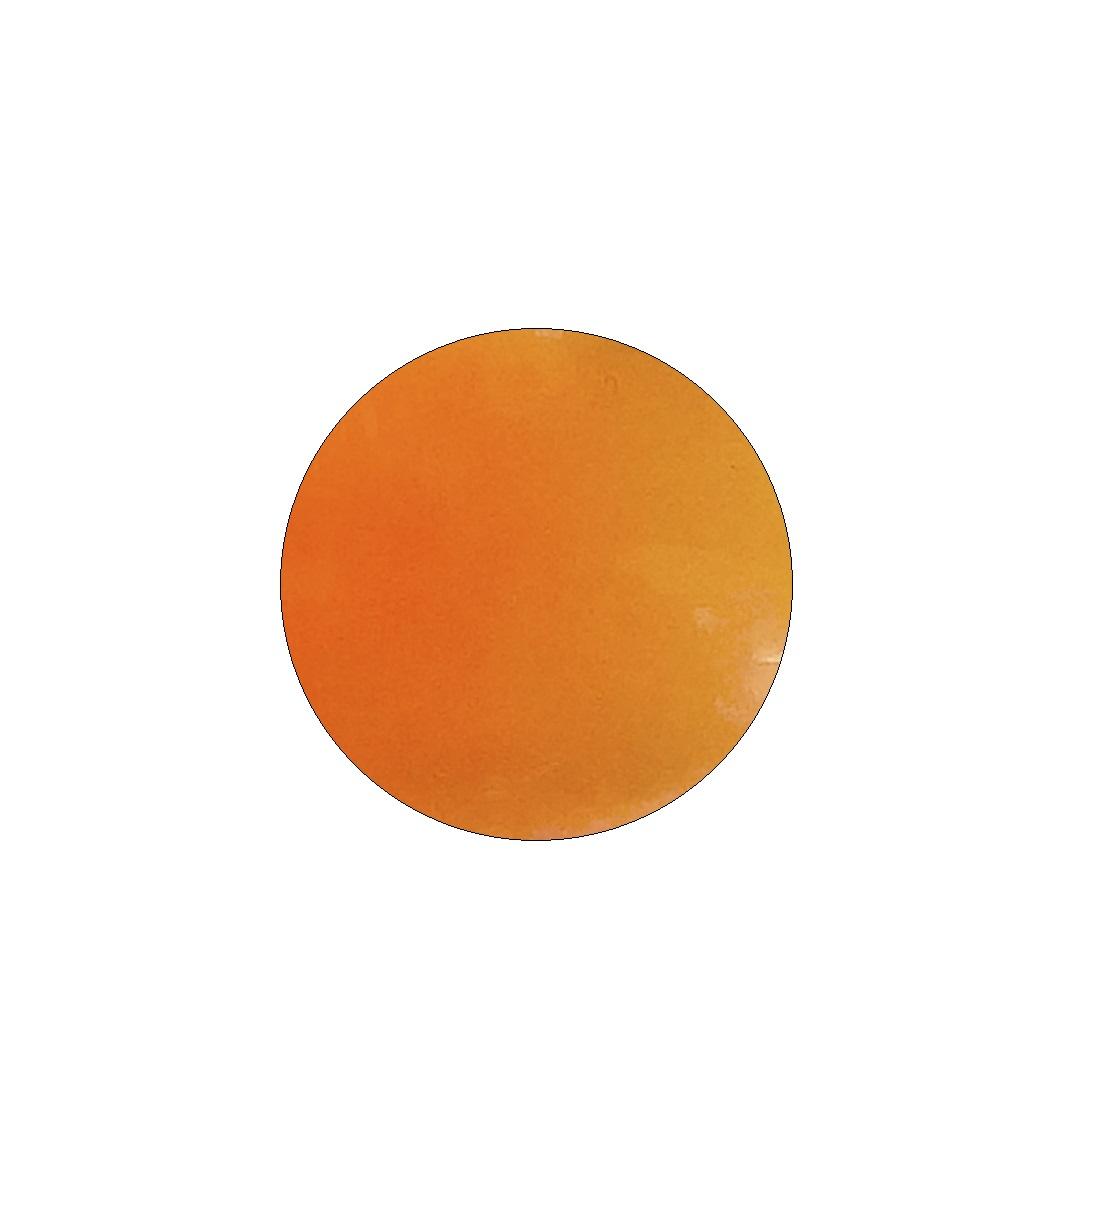 Melty Gel(メルティジェル) カラージェル ルーセントオレンジ